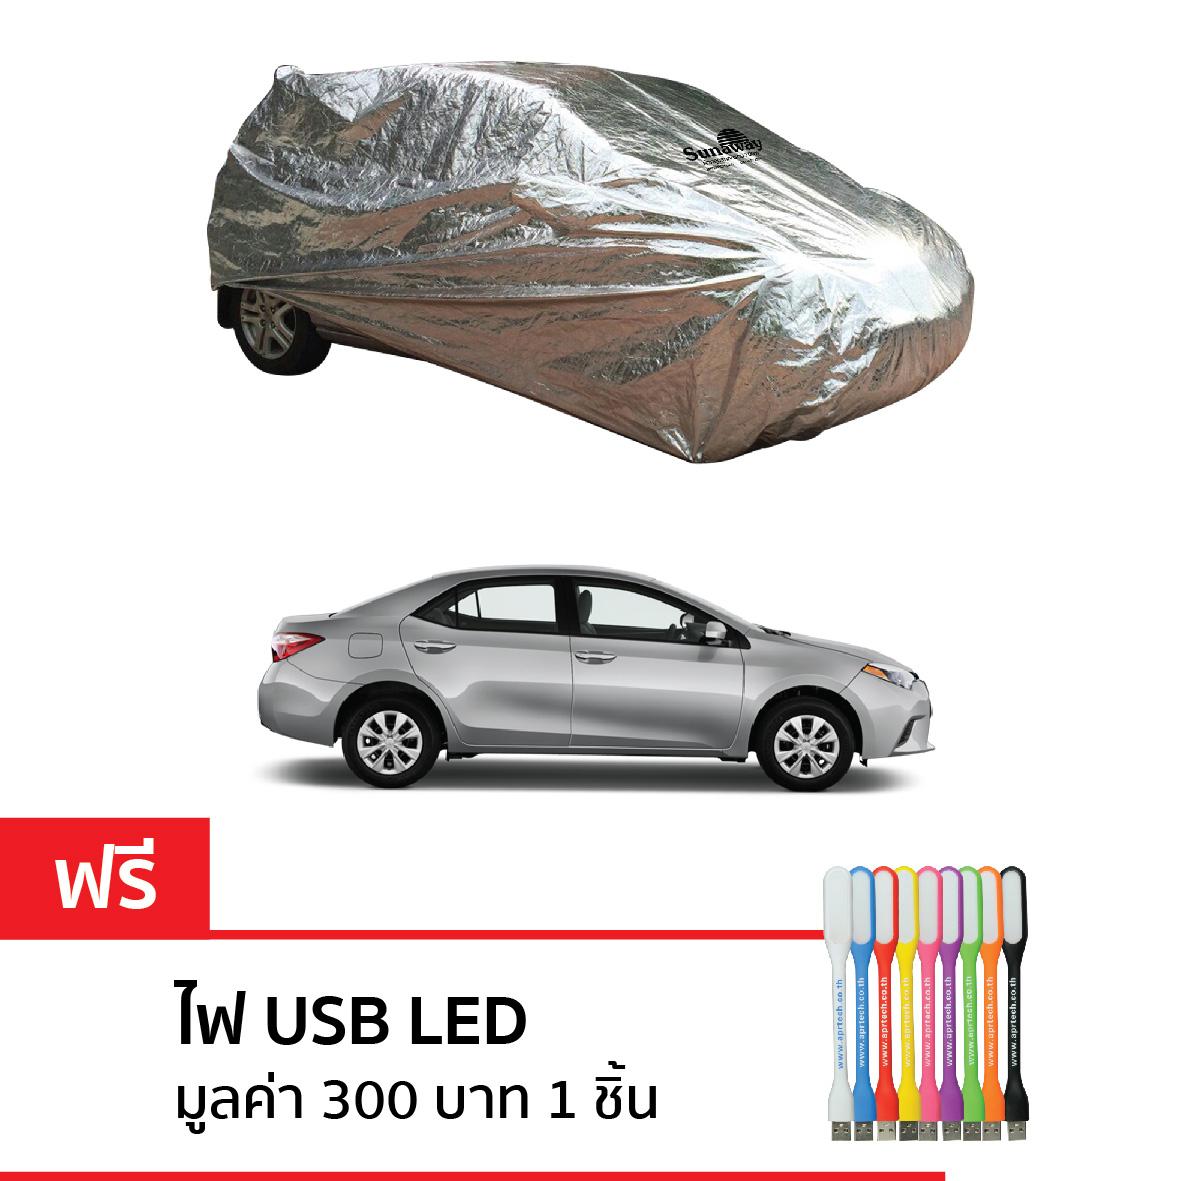 New Sunaway ผ้าคลุมรถกันร้อน 100% (สำหรับรถเก๋ง M-เต็มคัน)